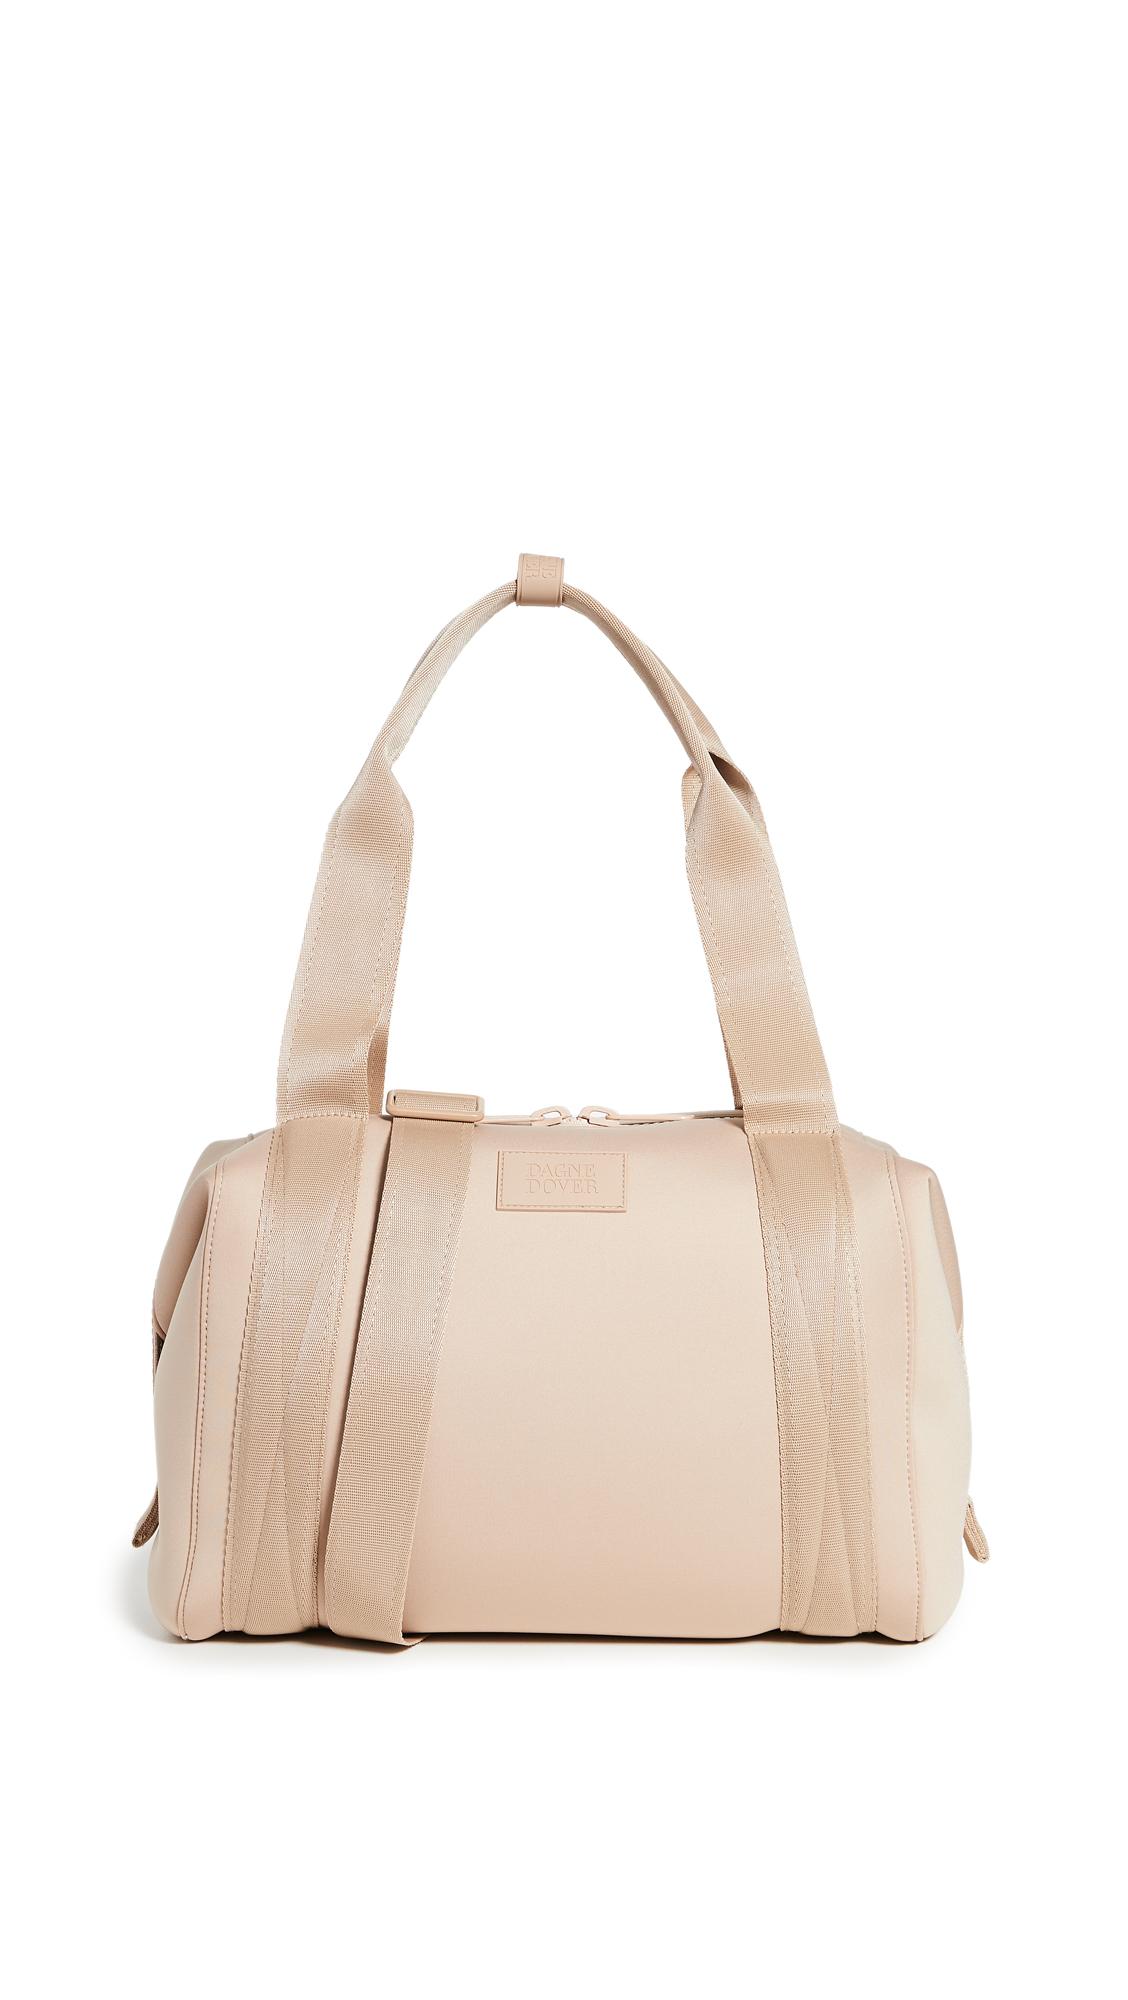 Dagne Dover Landon Carryall Medium Duffel Bag